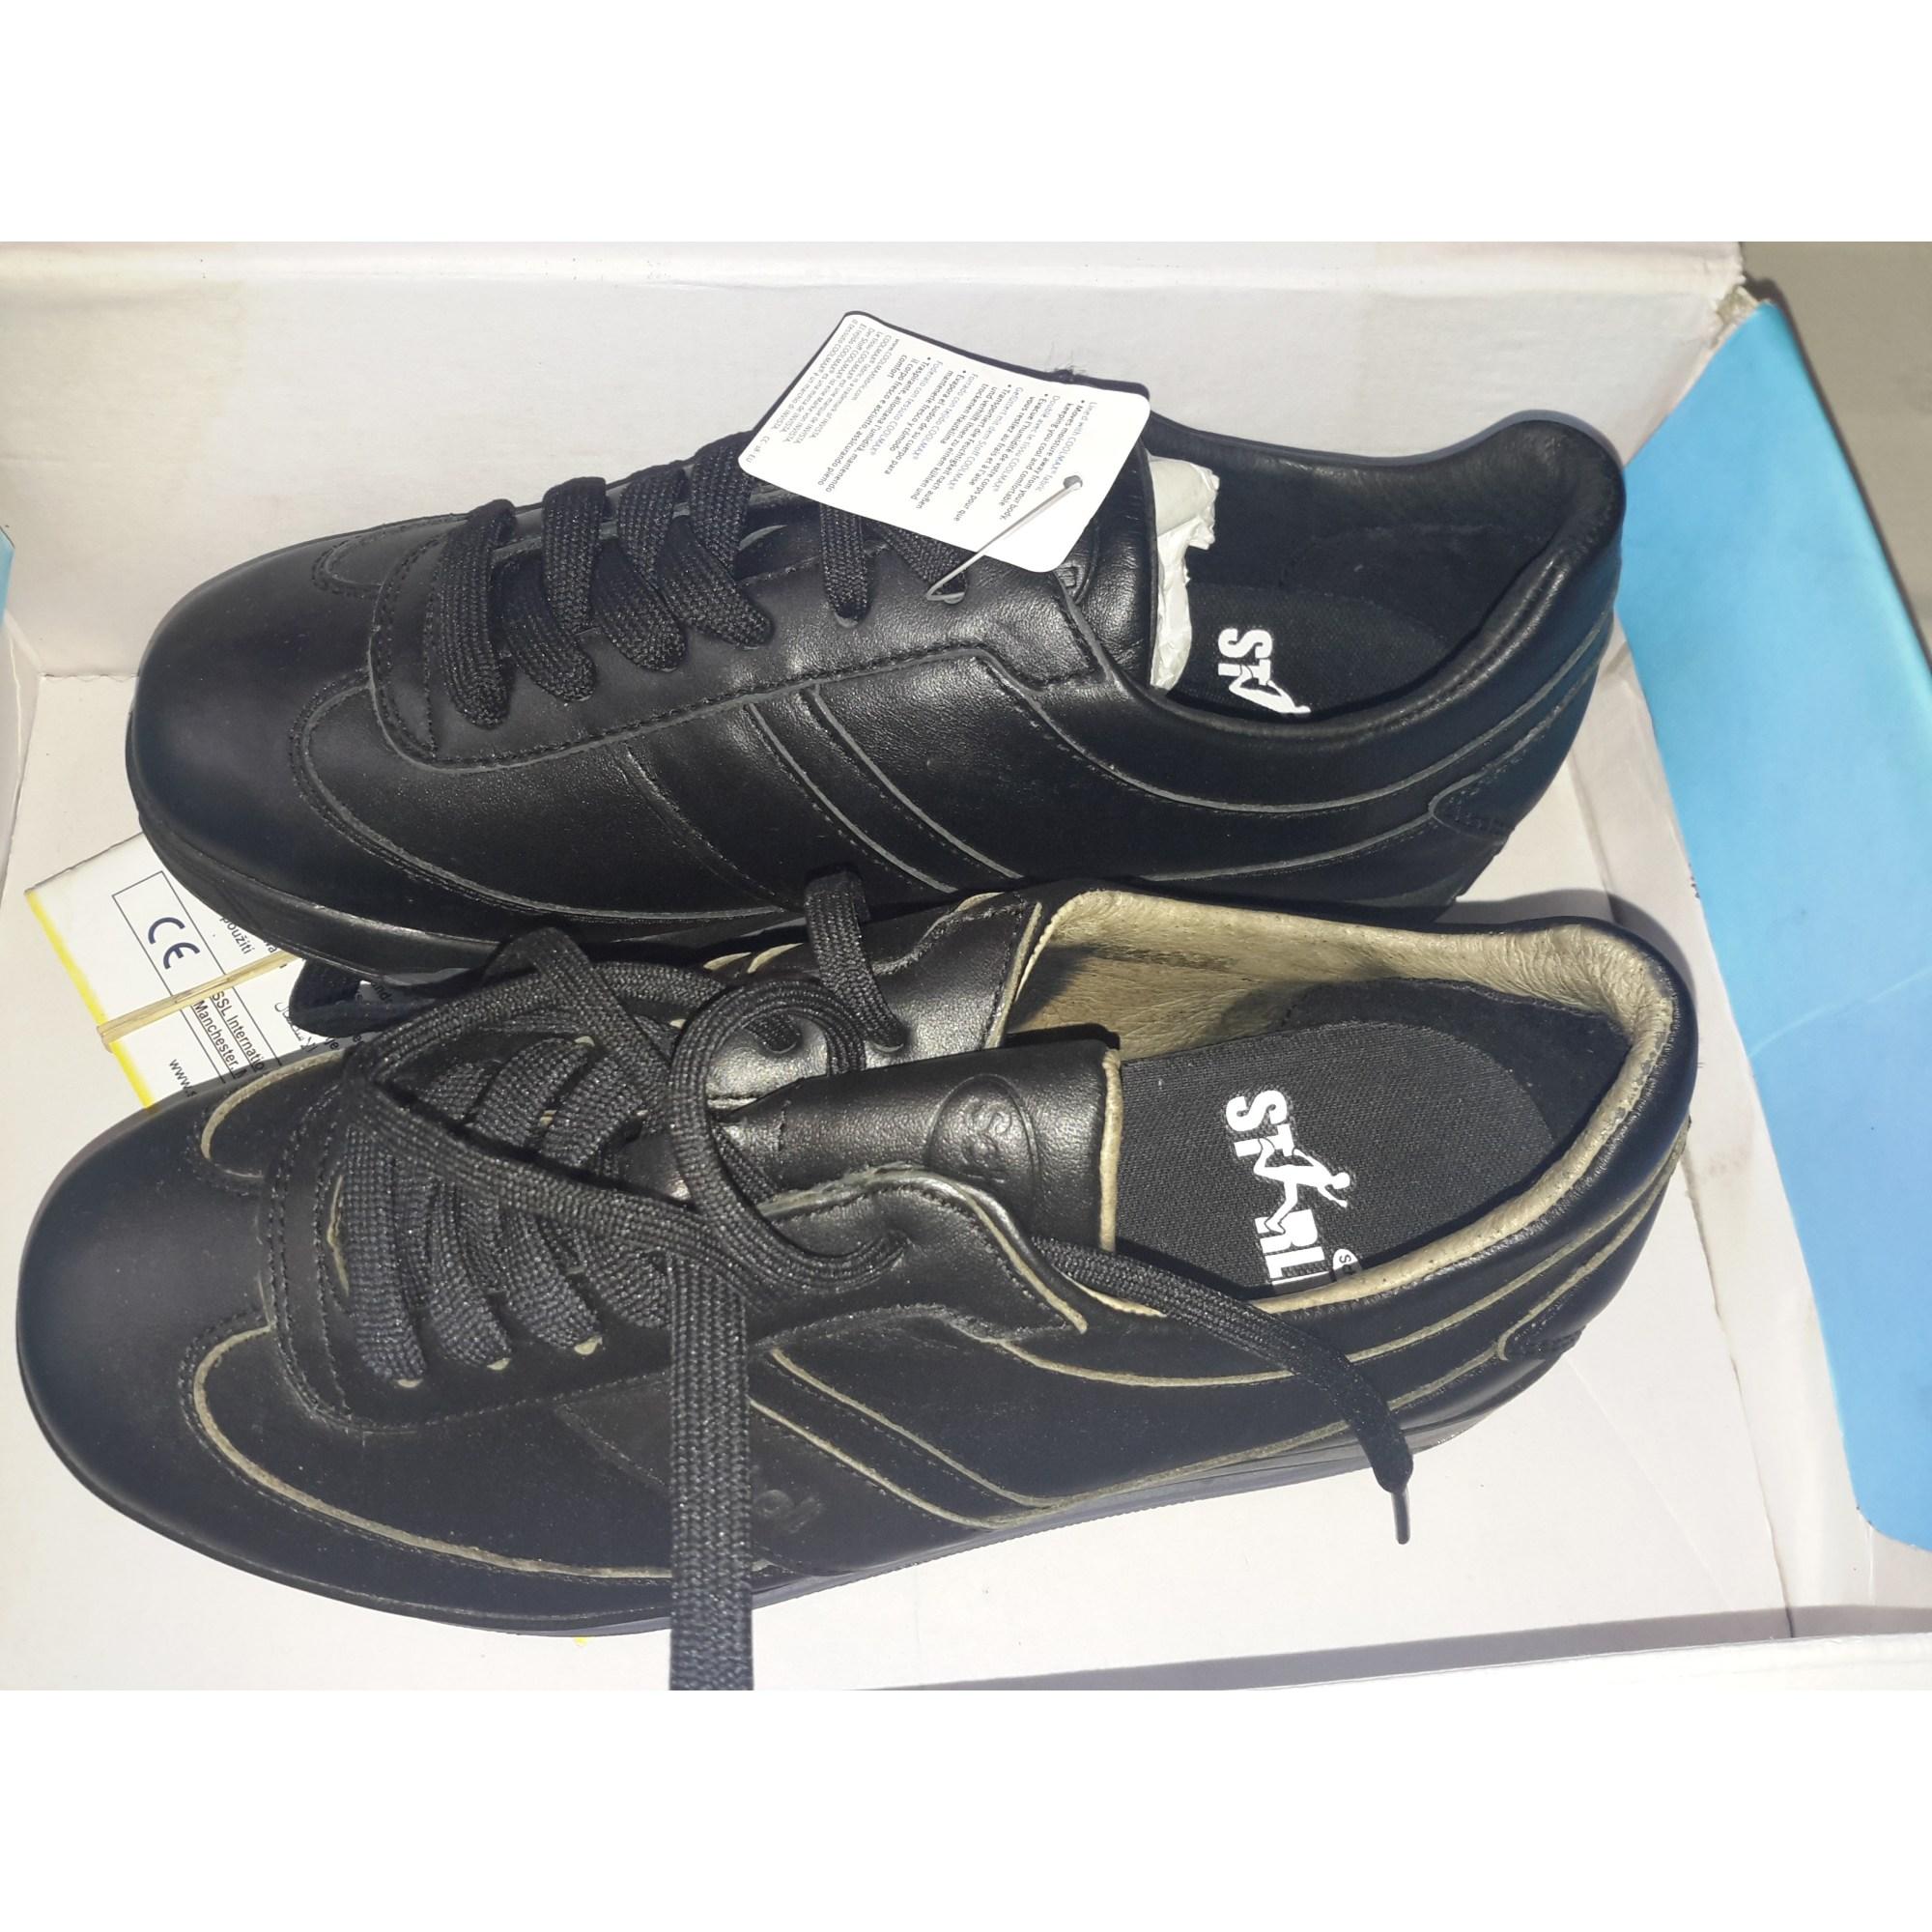 9b5c8e135a77f3 Chaussures de sport SCHOLL 37 noir - 7689830